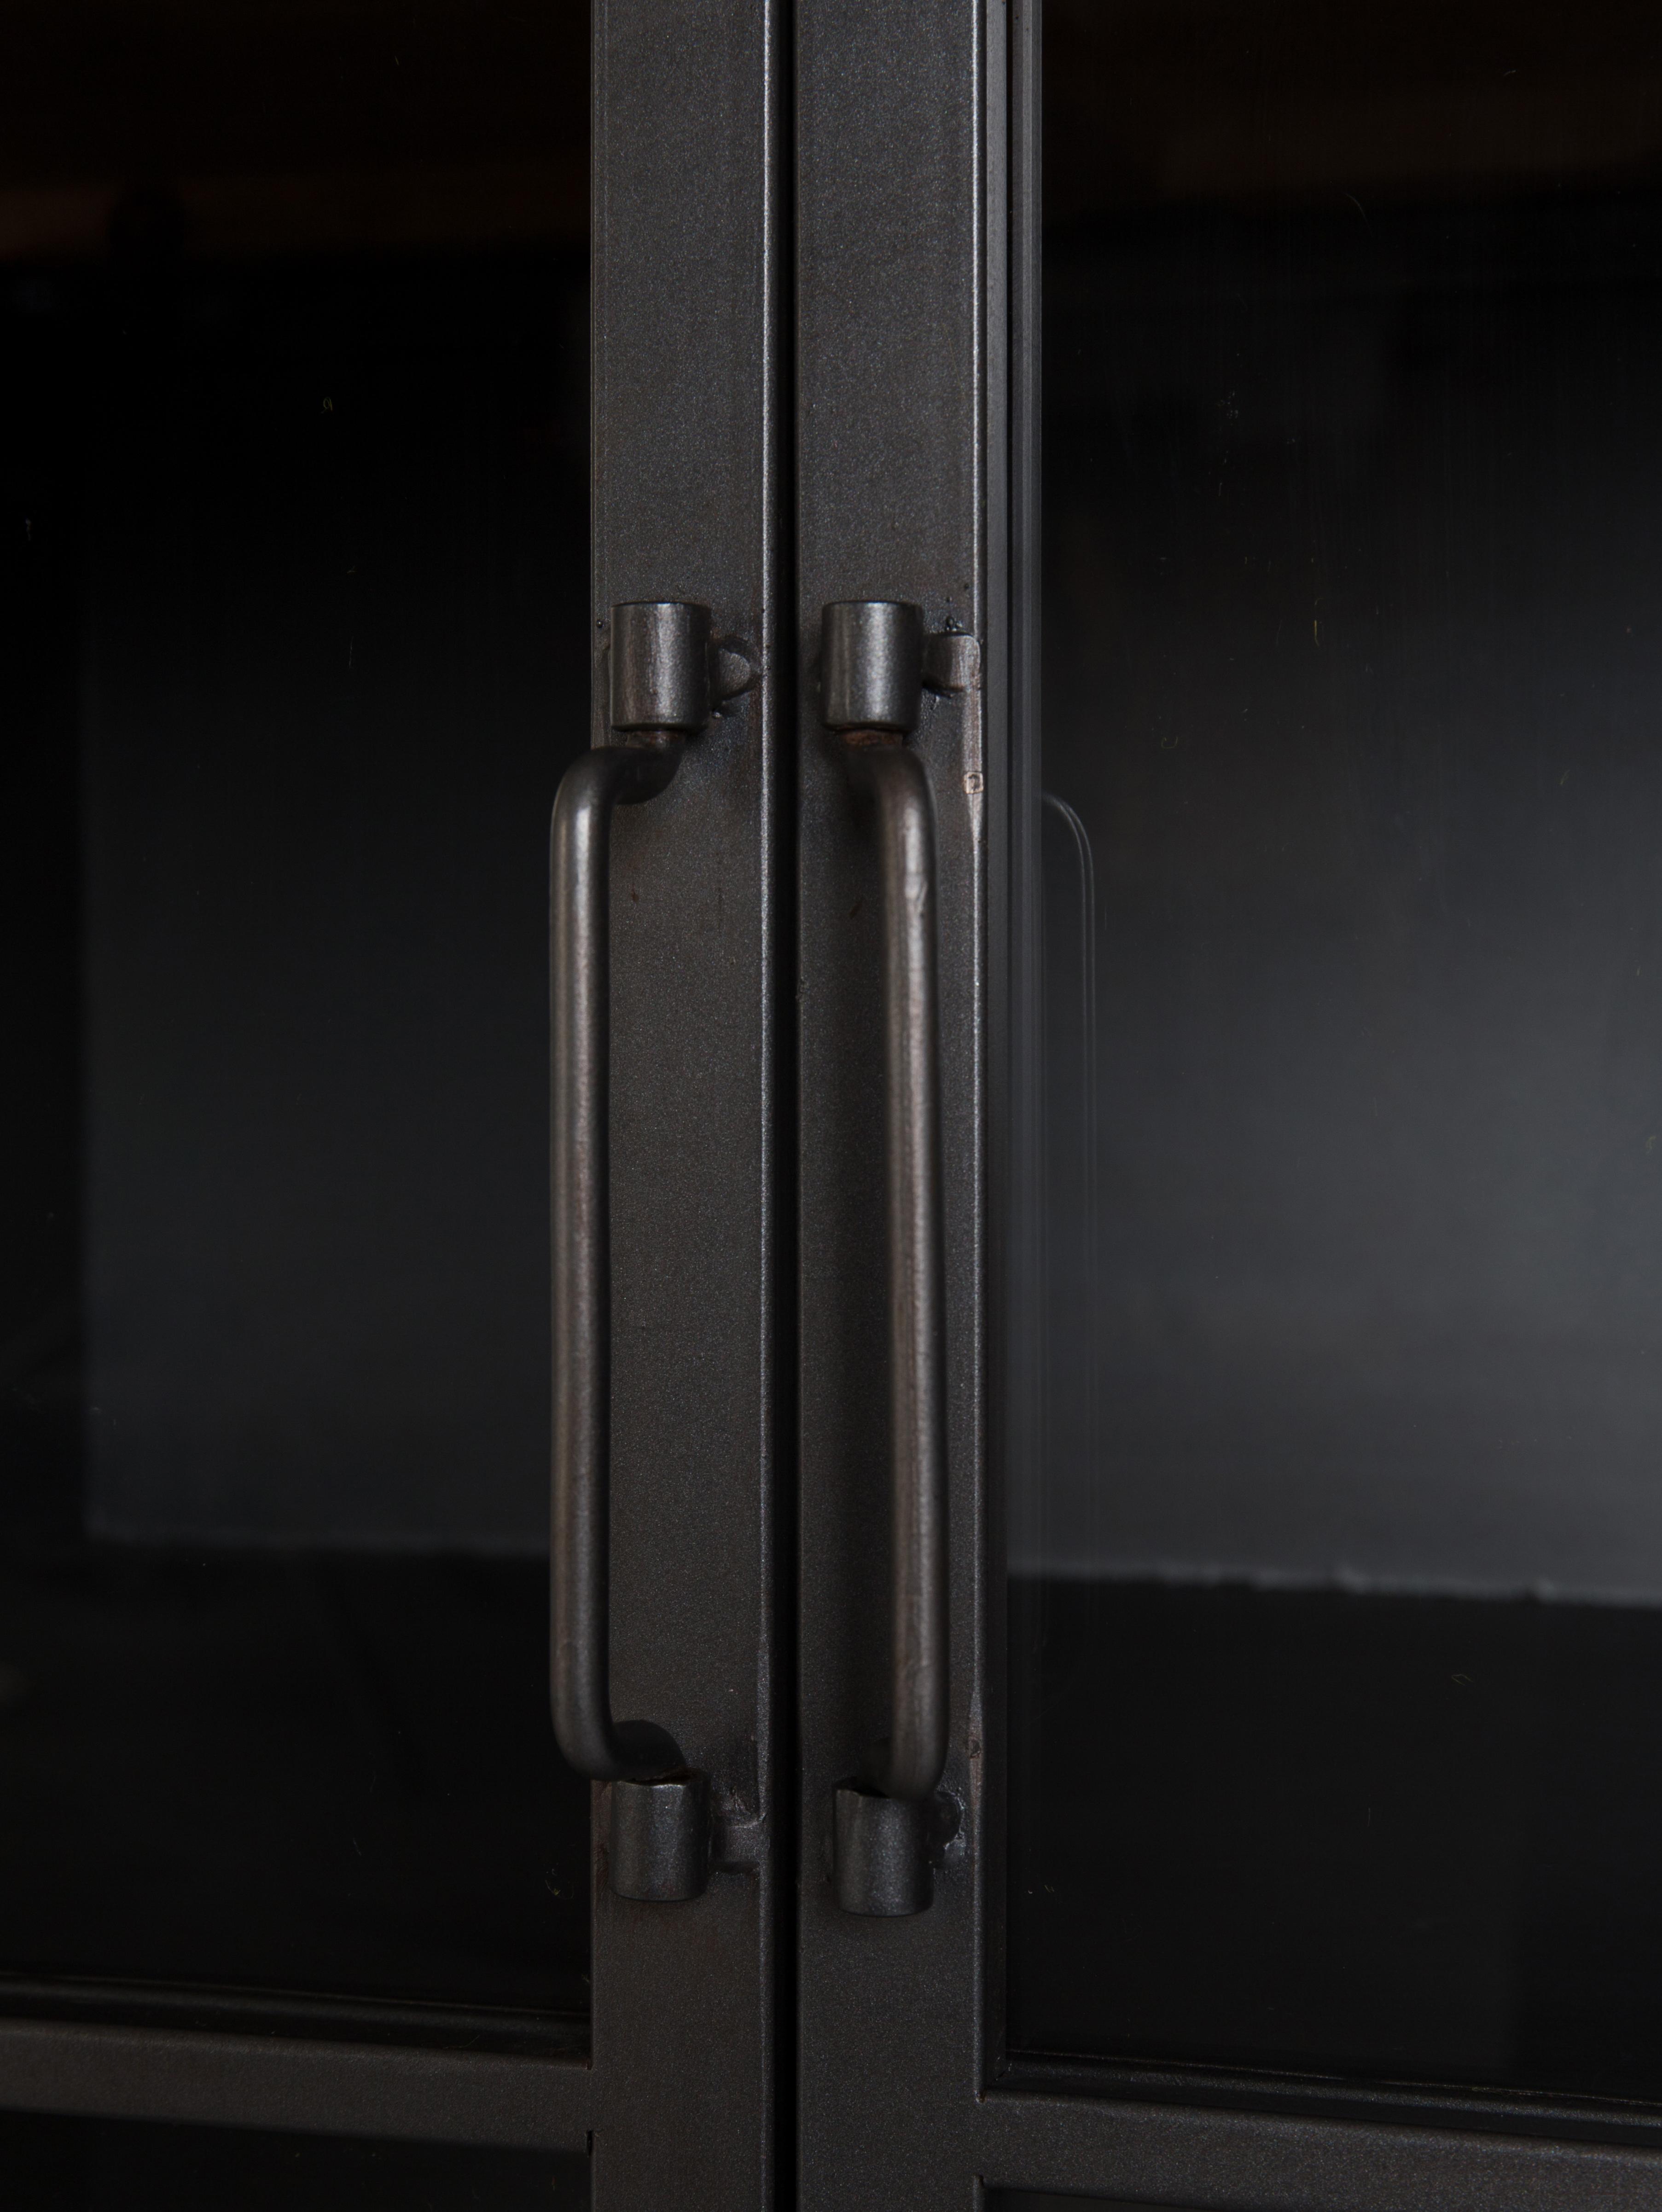 Kommode Damian aus Holz und Metall, Schrankboden, Gestell, Griffe, Füße: GrauSchubladen: Tannenholz, 113 x 75 cm